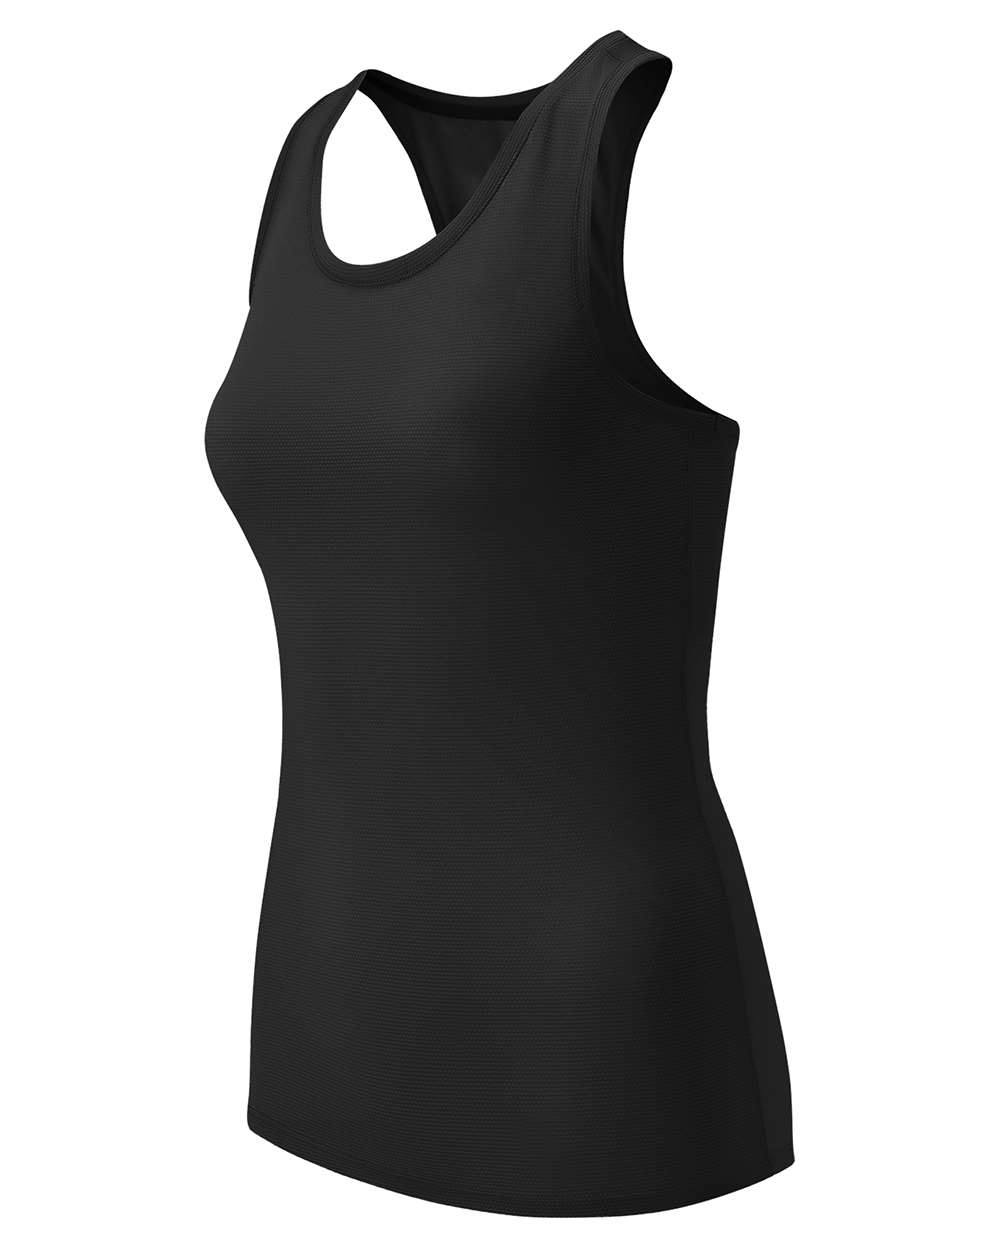 Camisole pour femme New-Balance-WT01017P-Caviar